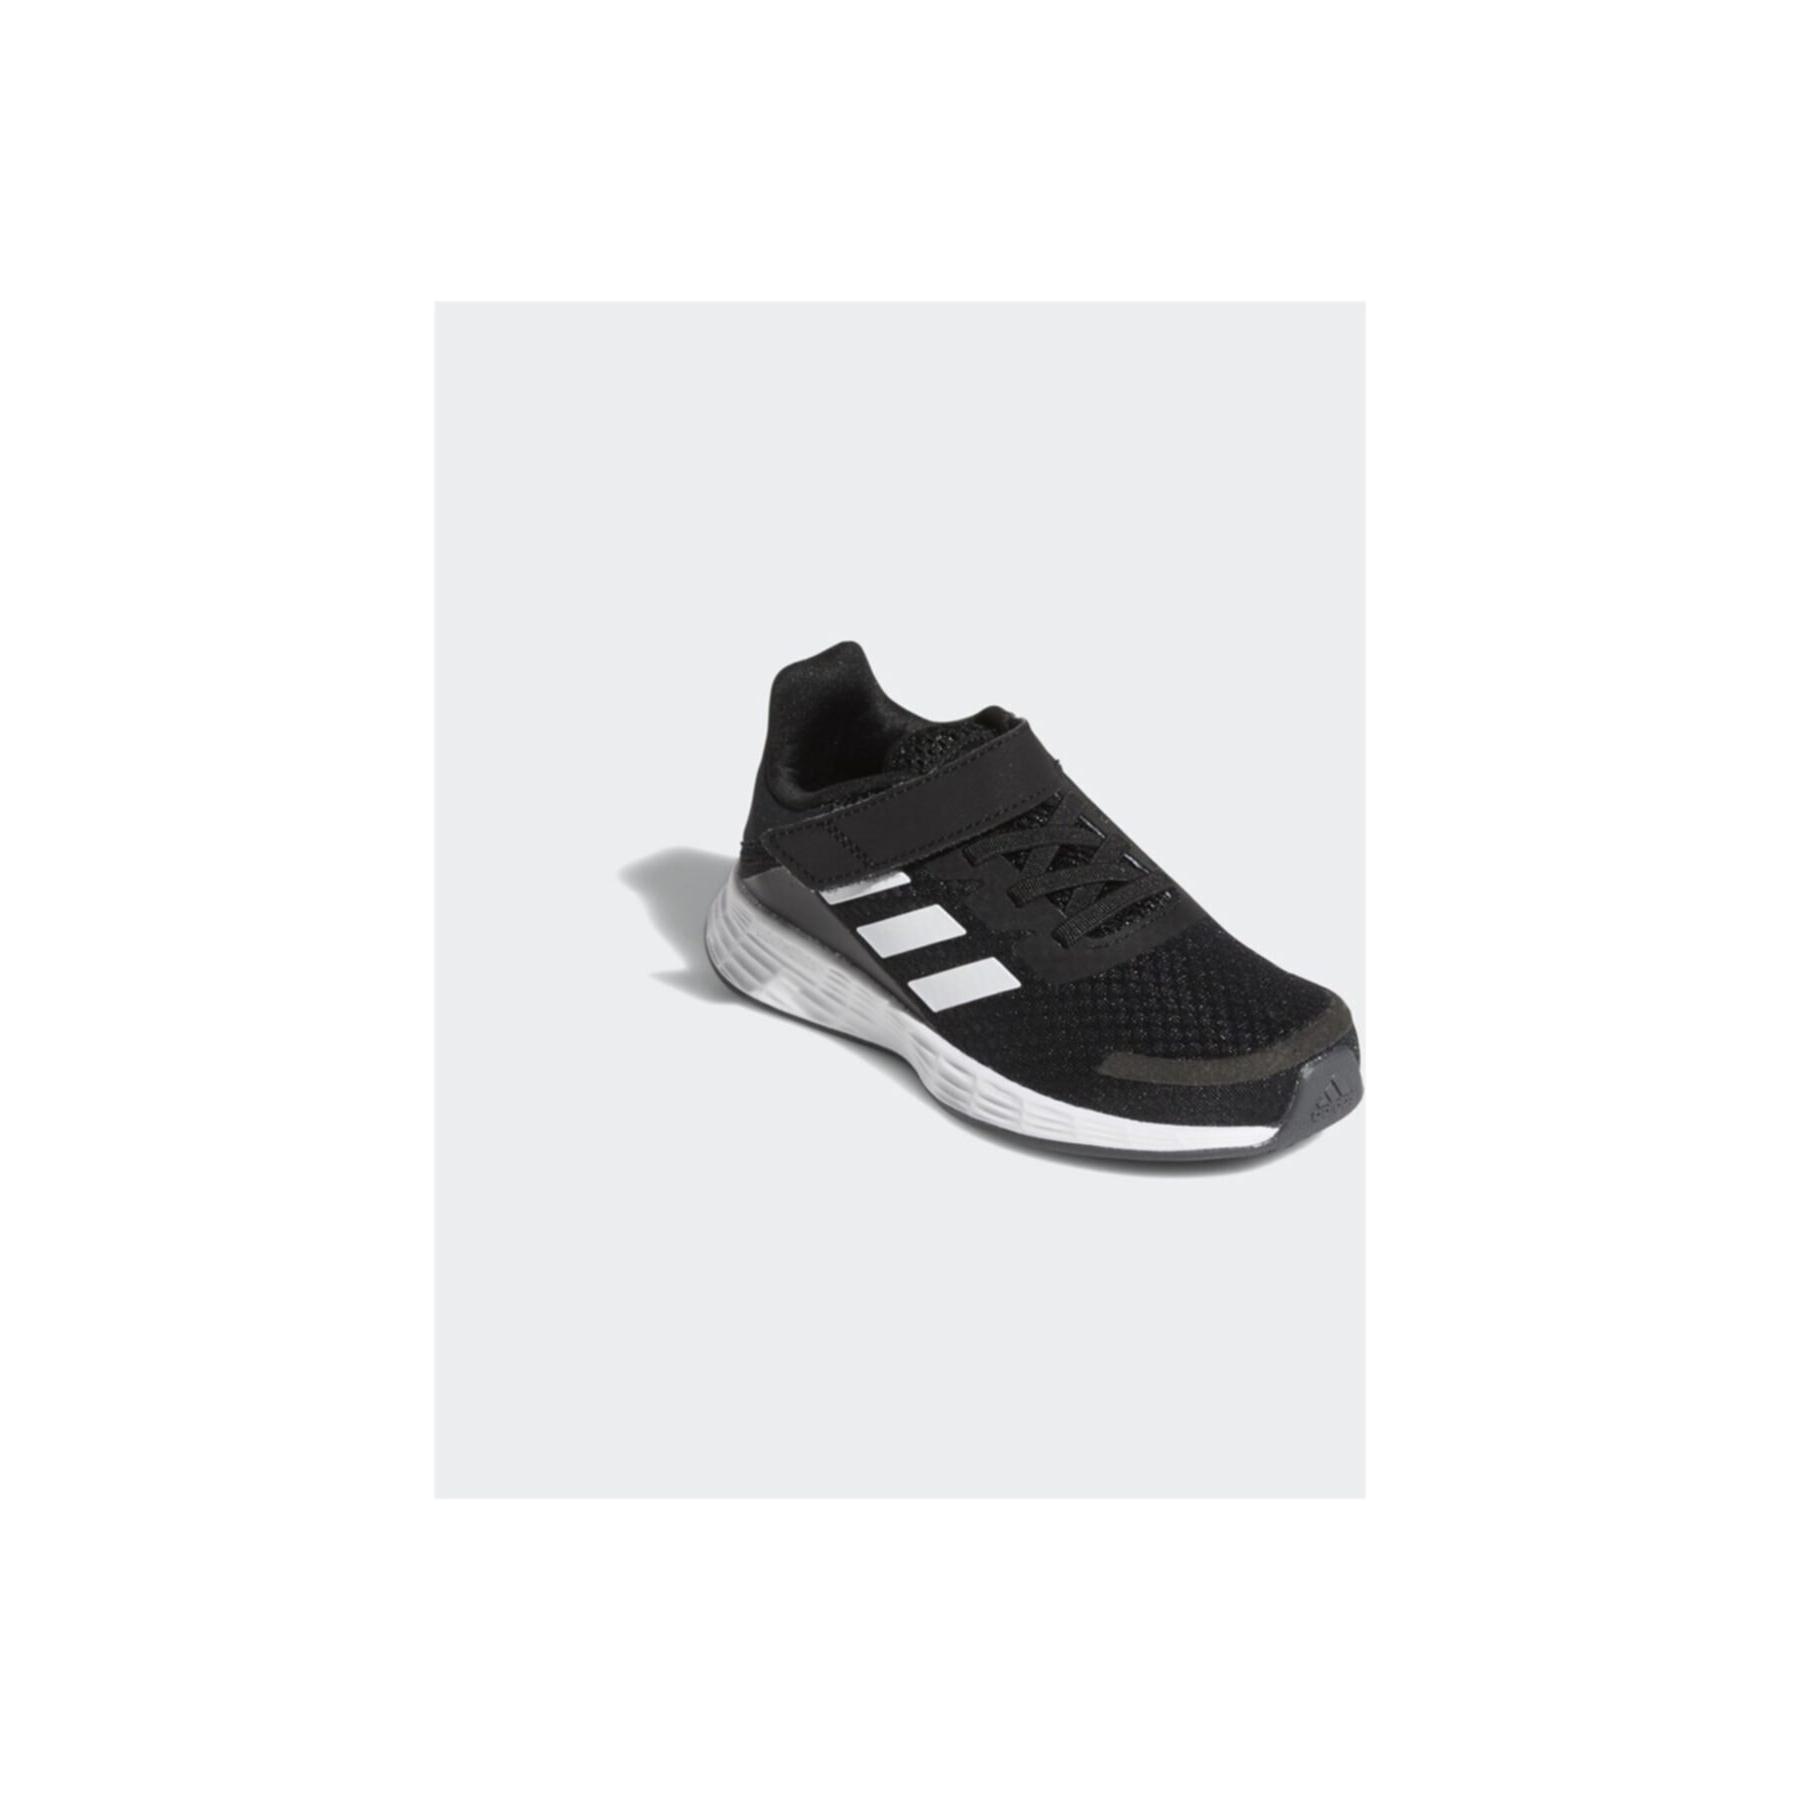 Duramo SL Çocuk Siyah Koşu Ayakkabısı (FX7314)